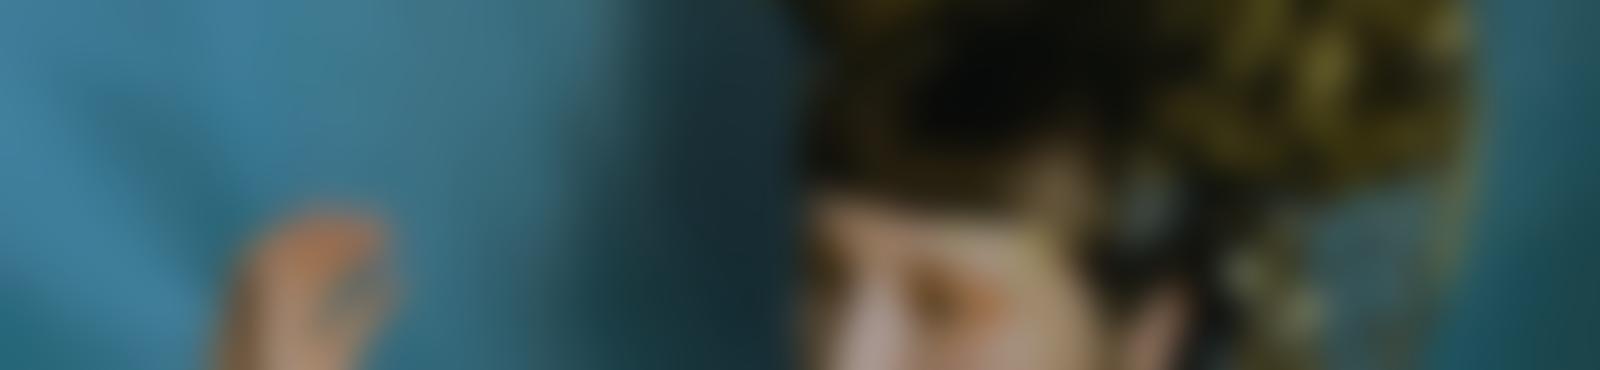 Blurred 5c324ec0 0182 47d2 b272 a8e022051e5a